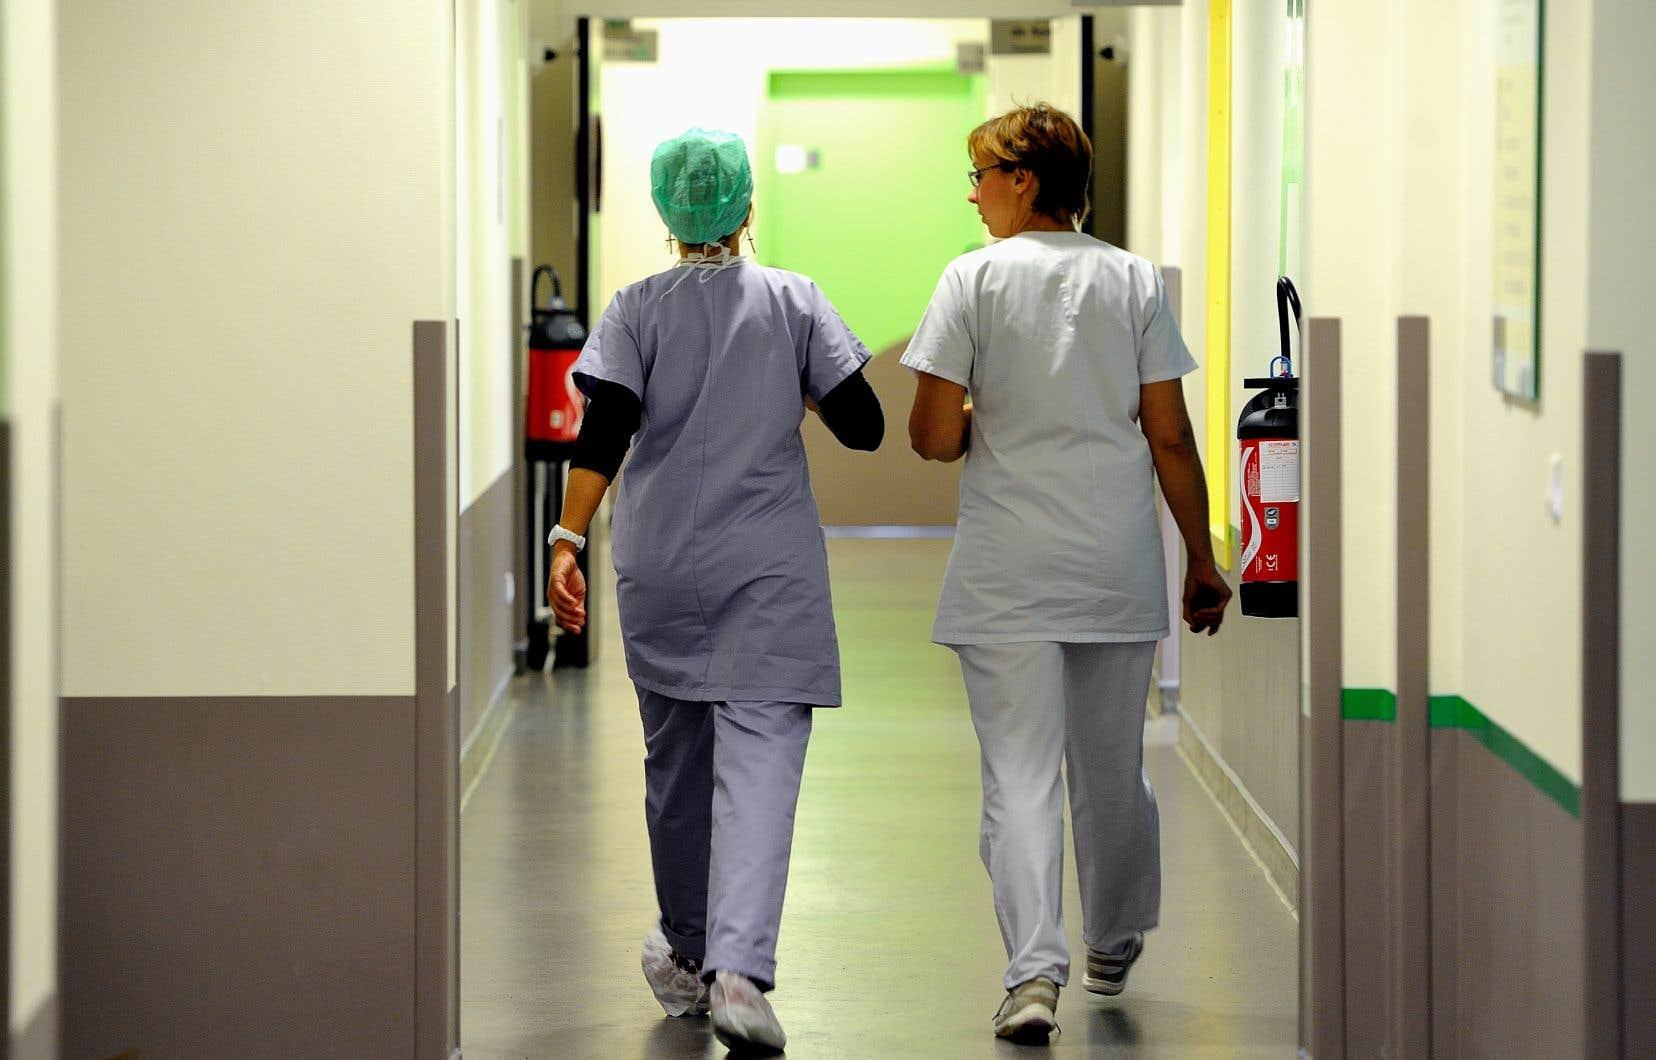 Pour superviser et accueillir des infirmières praticiennes spécialisées (IPS) dans leurs cliniques, les médecins empocheront plus d'un demi-milliard de dollars sur dix ans.